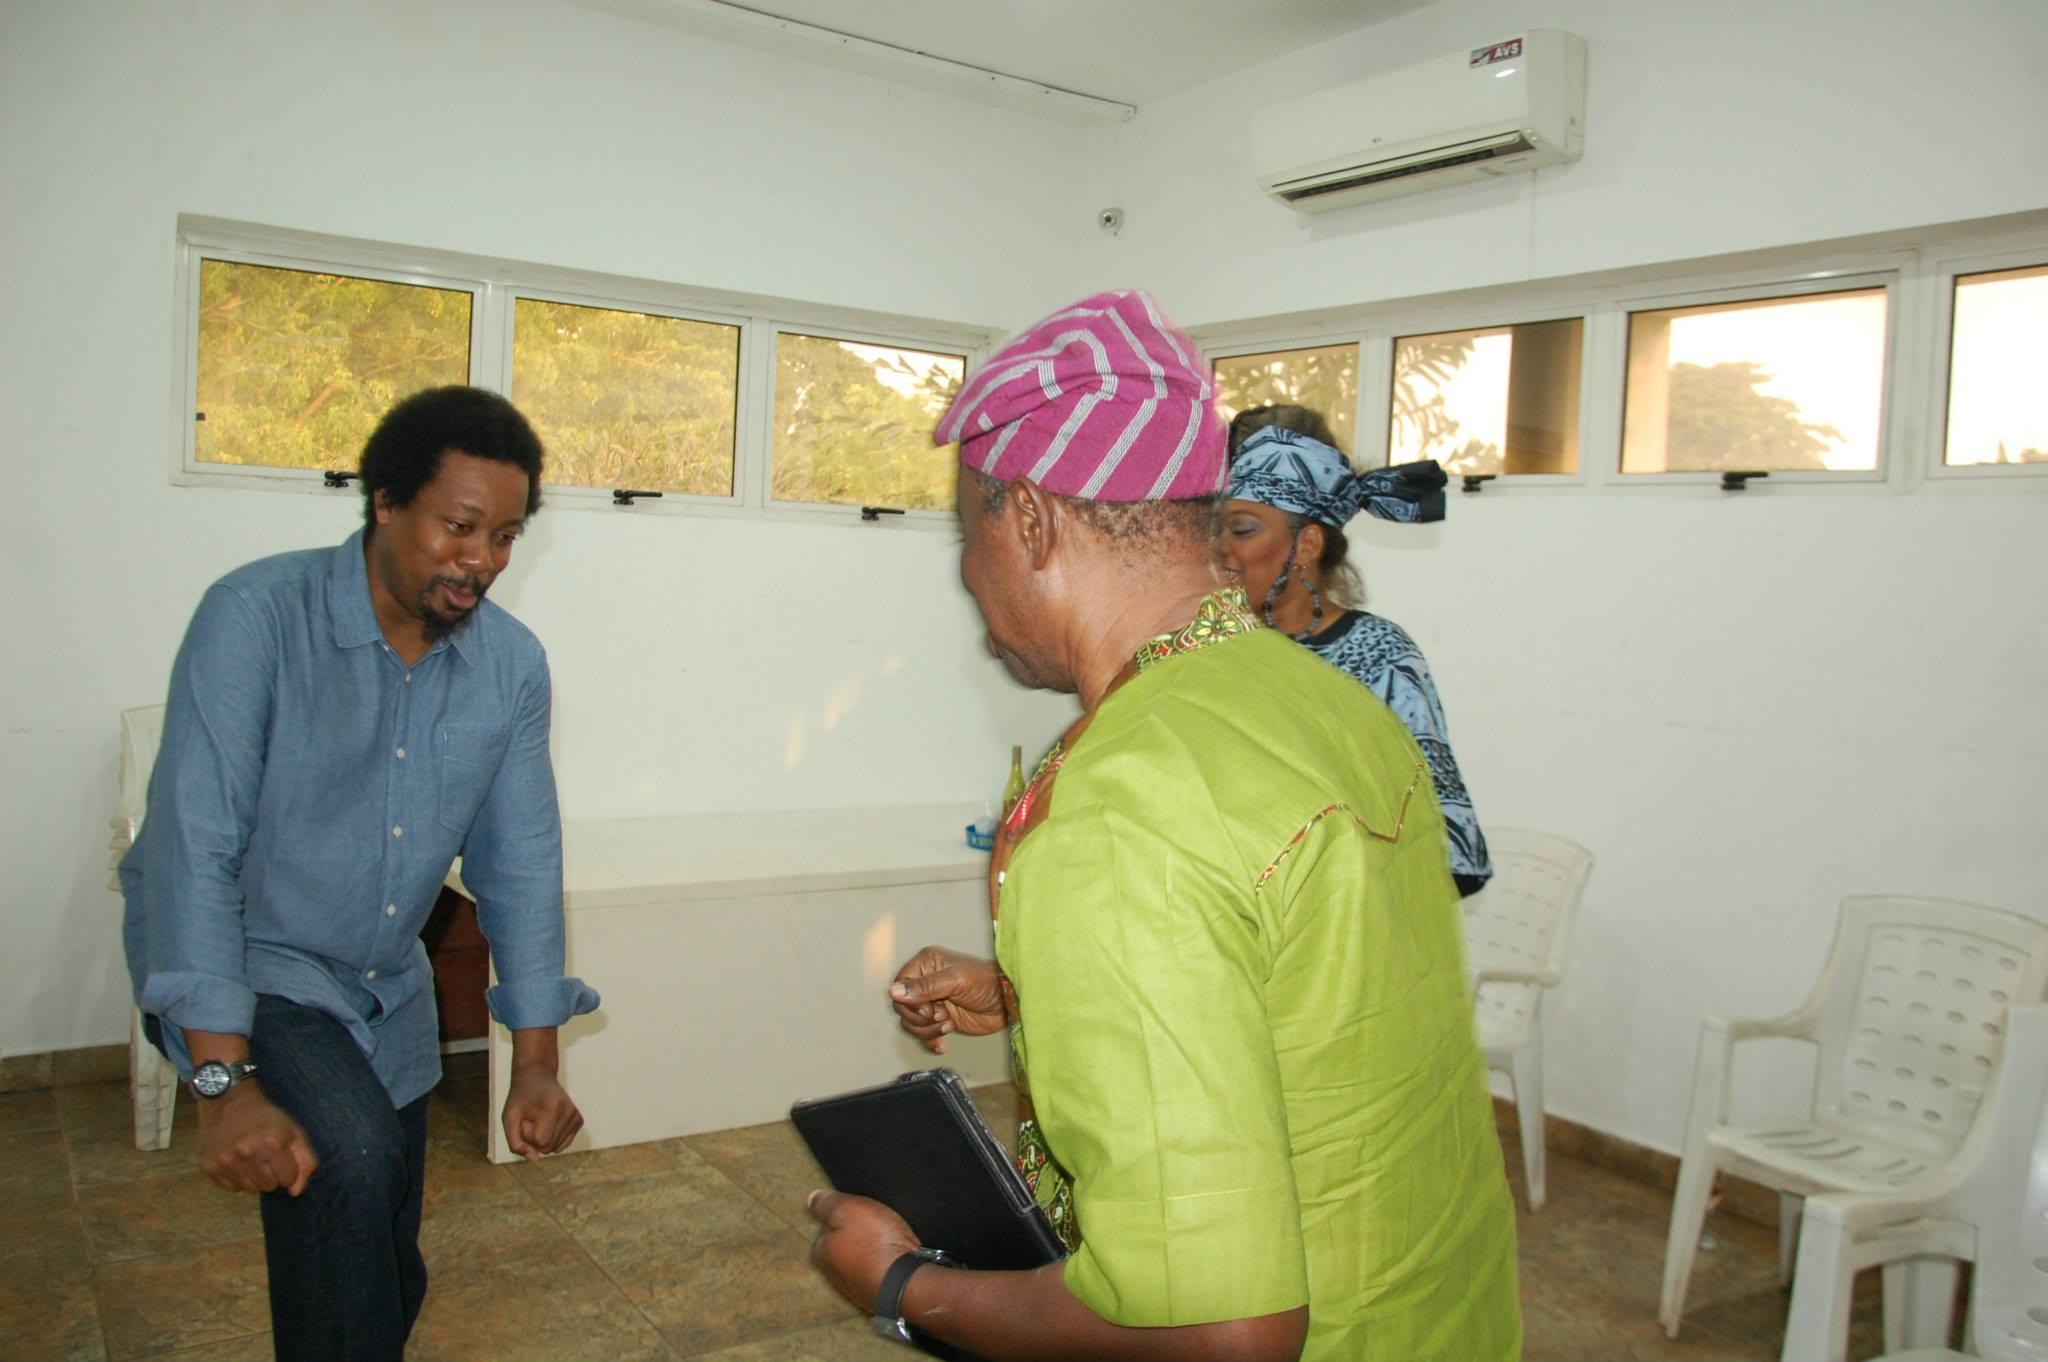 Showing some dance moves Mr Makin Soyinka and Tunde Kelani